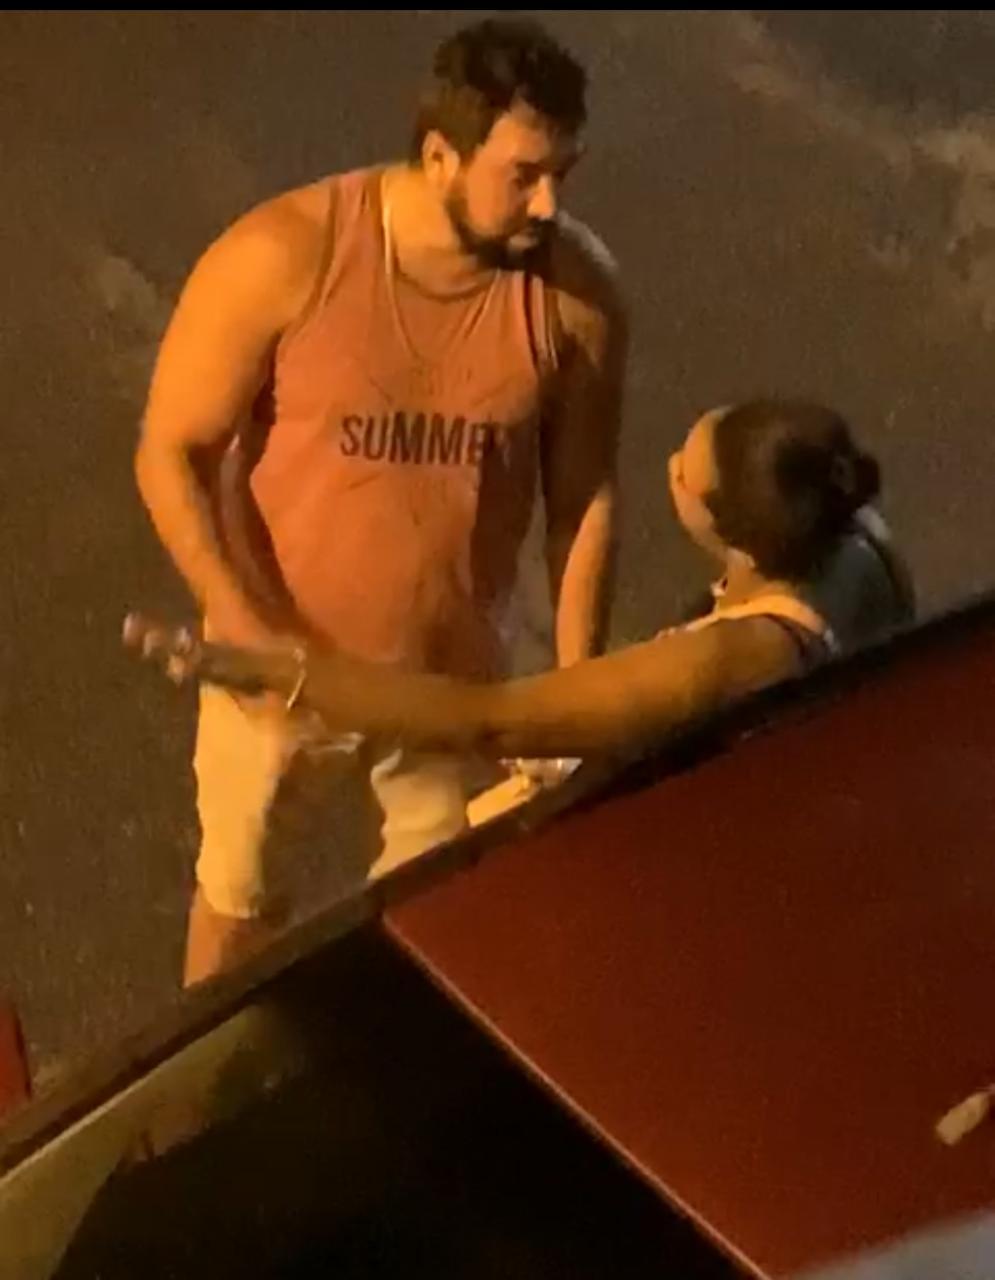 VÍDEO: Mulher é espancada com socos no rosto por homem no sul da Bahia e polícia procura agressor